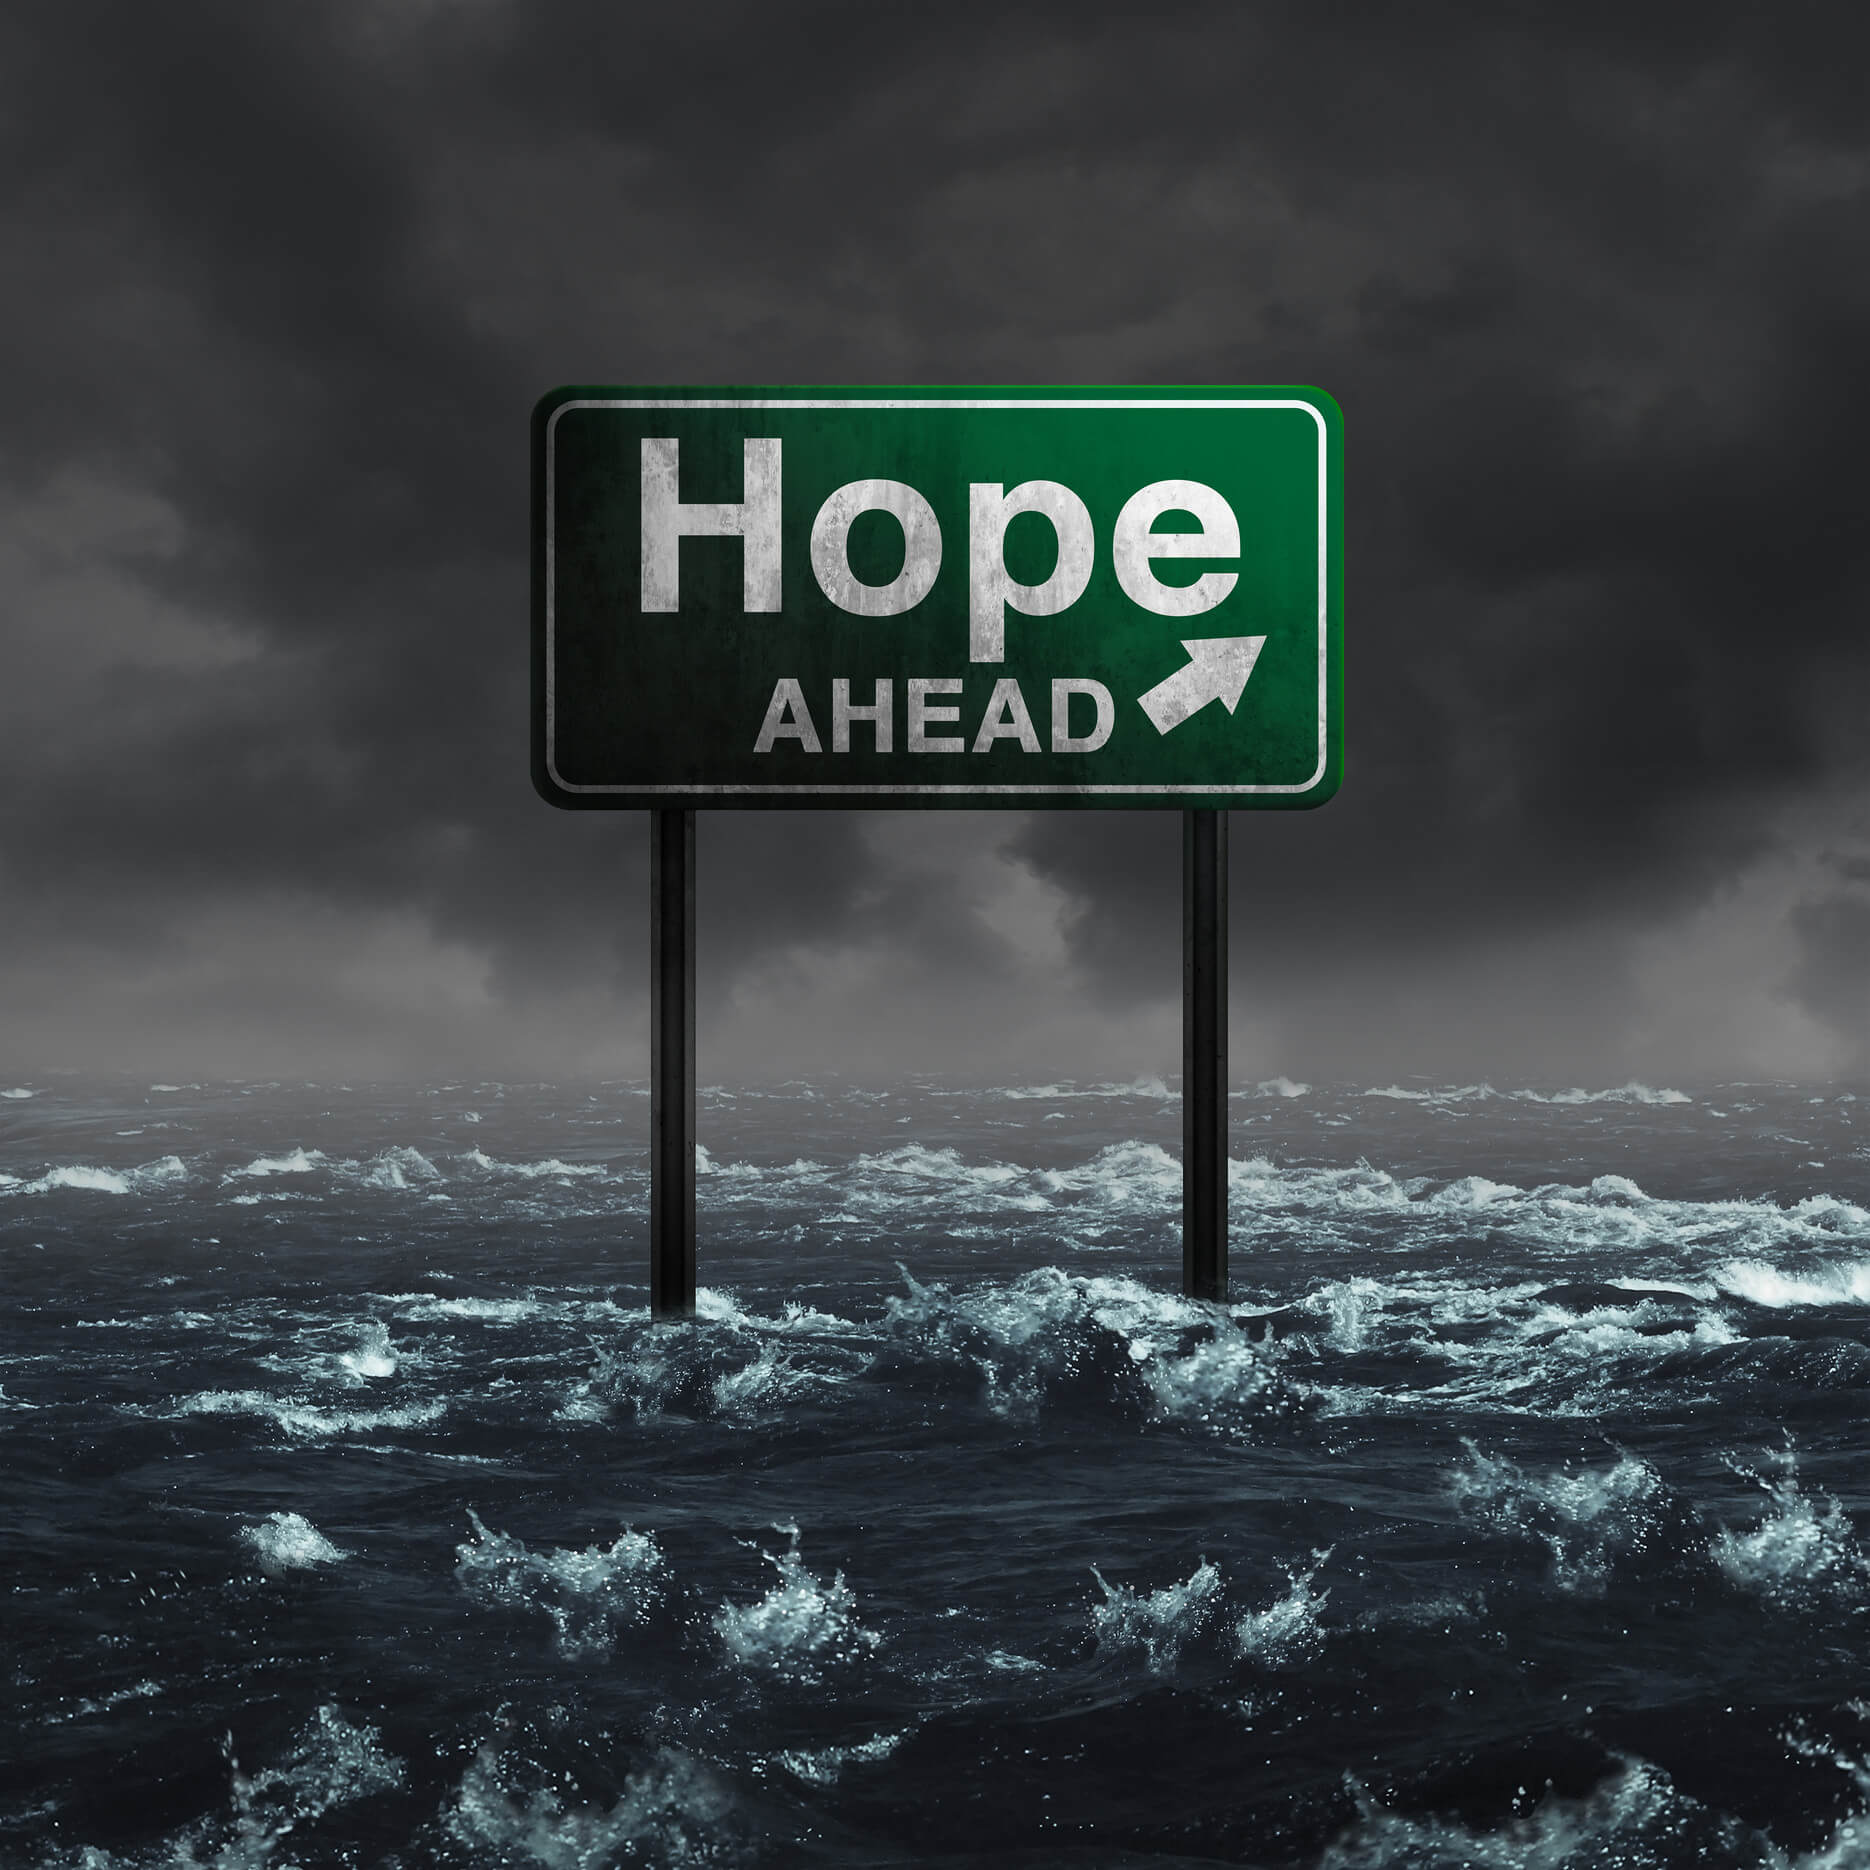 Hope Ahead Signboard